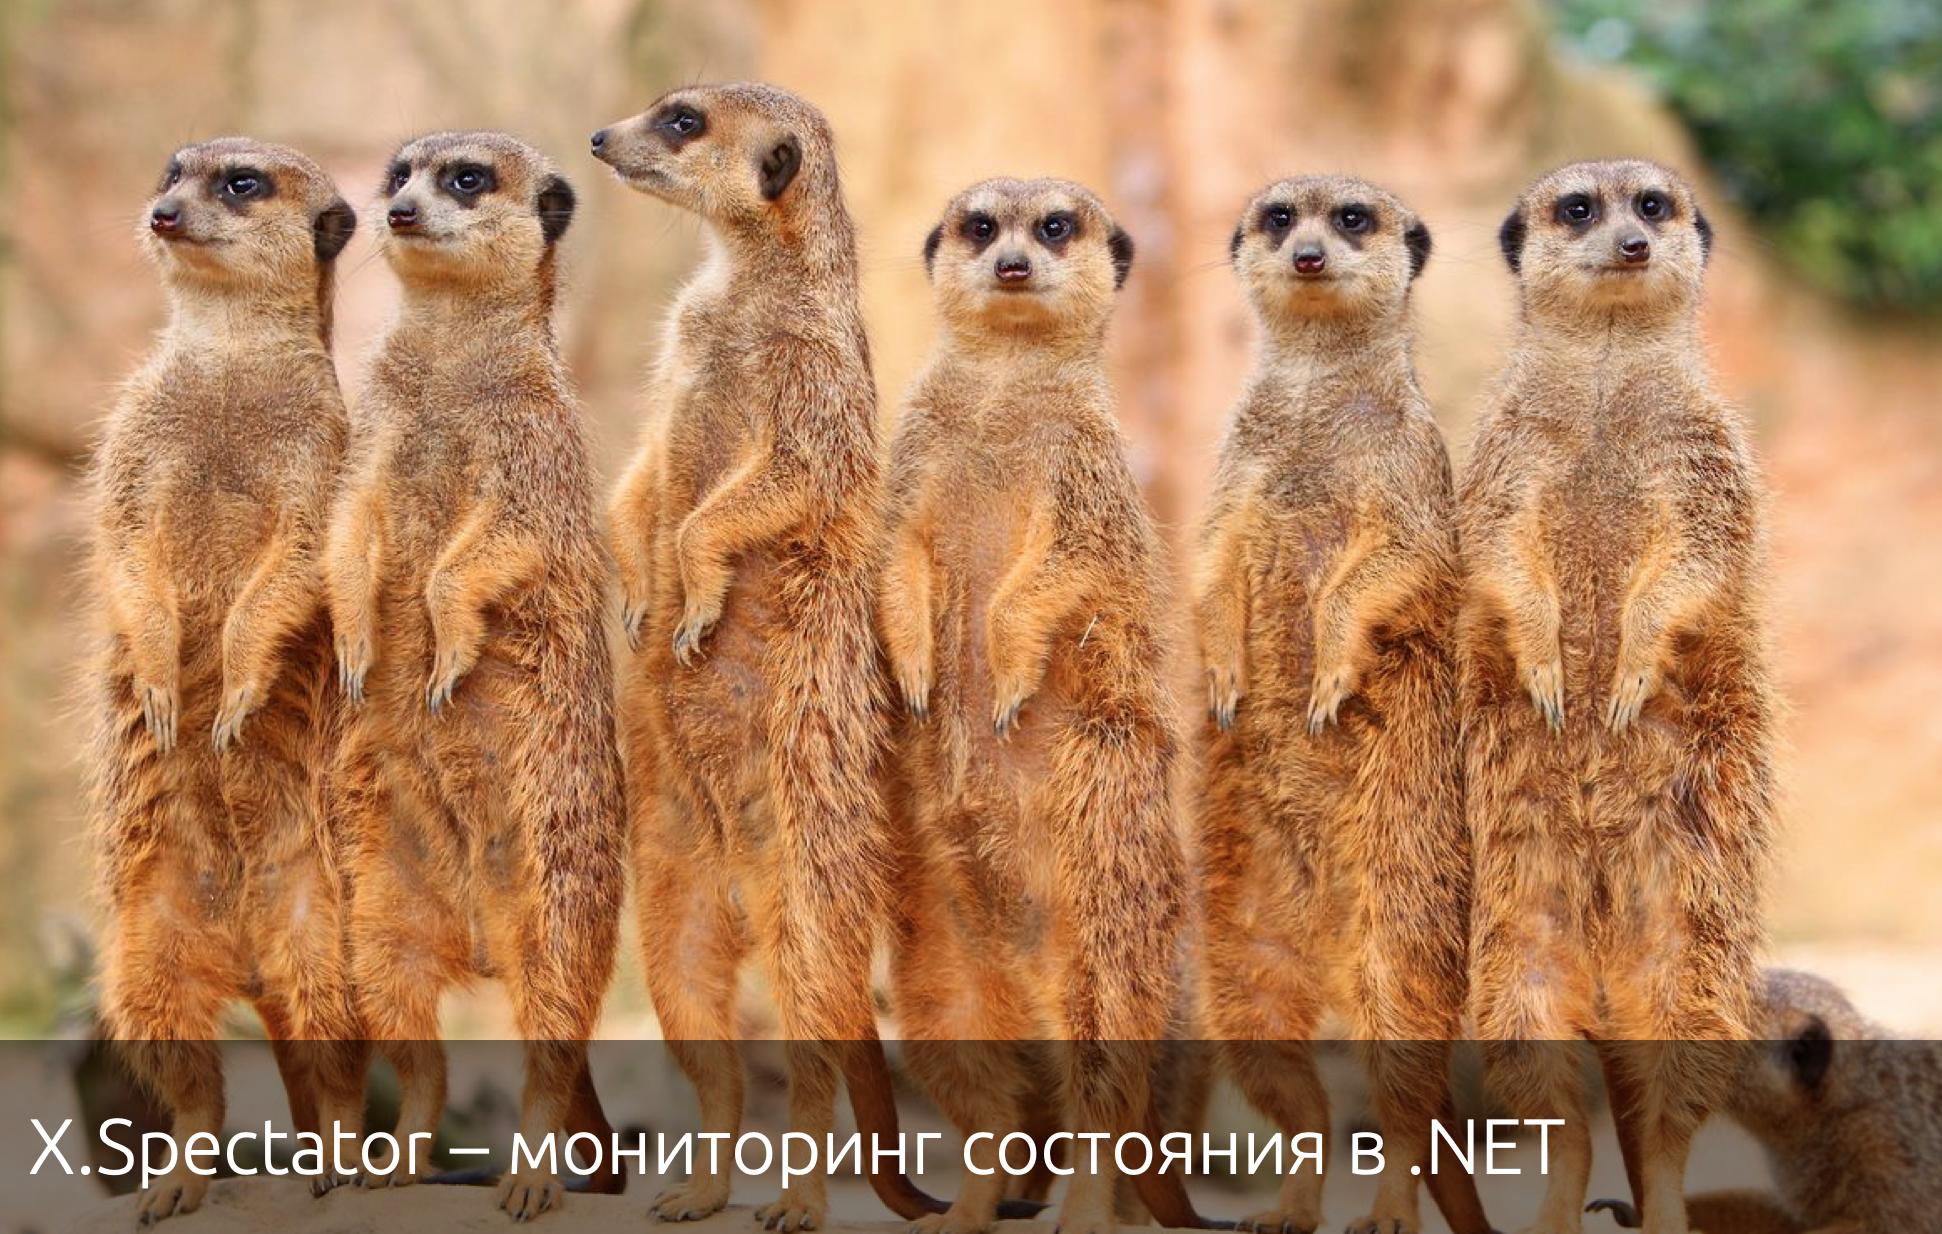 X.Spectator – мониторинг состояния в .NET